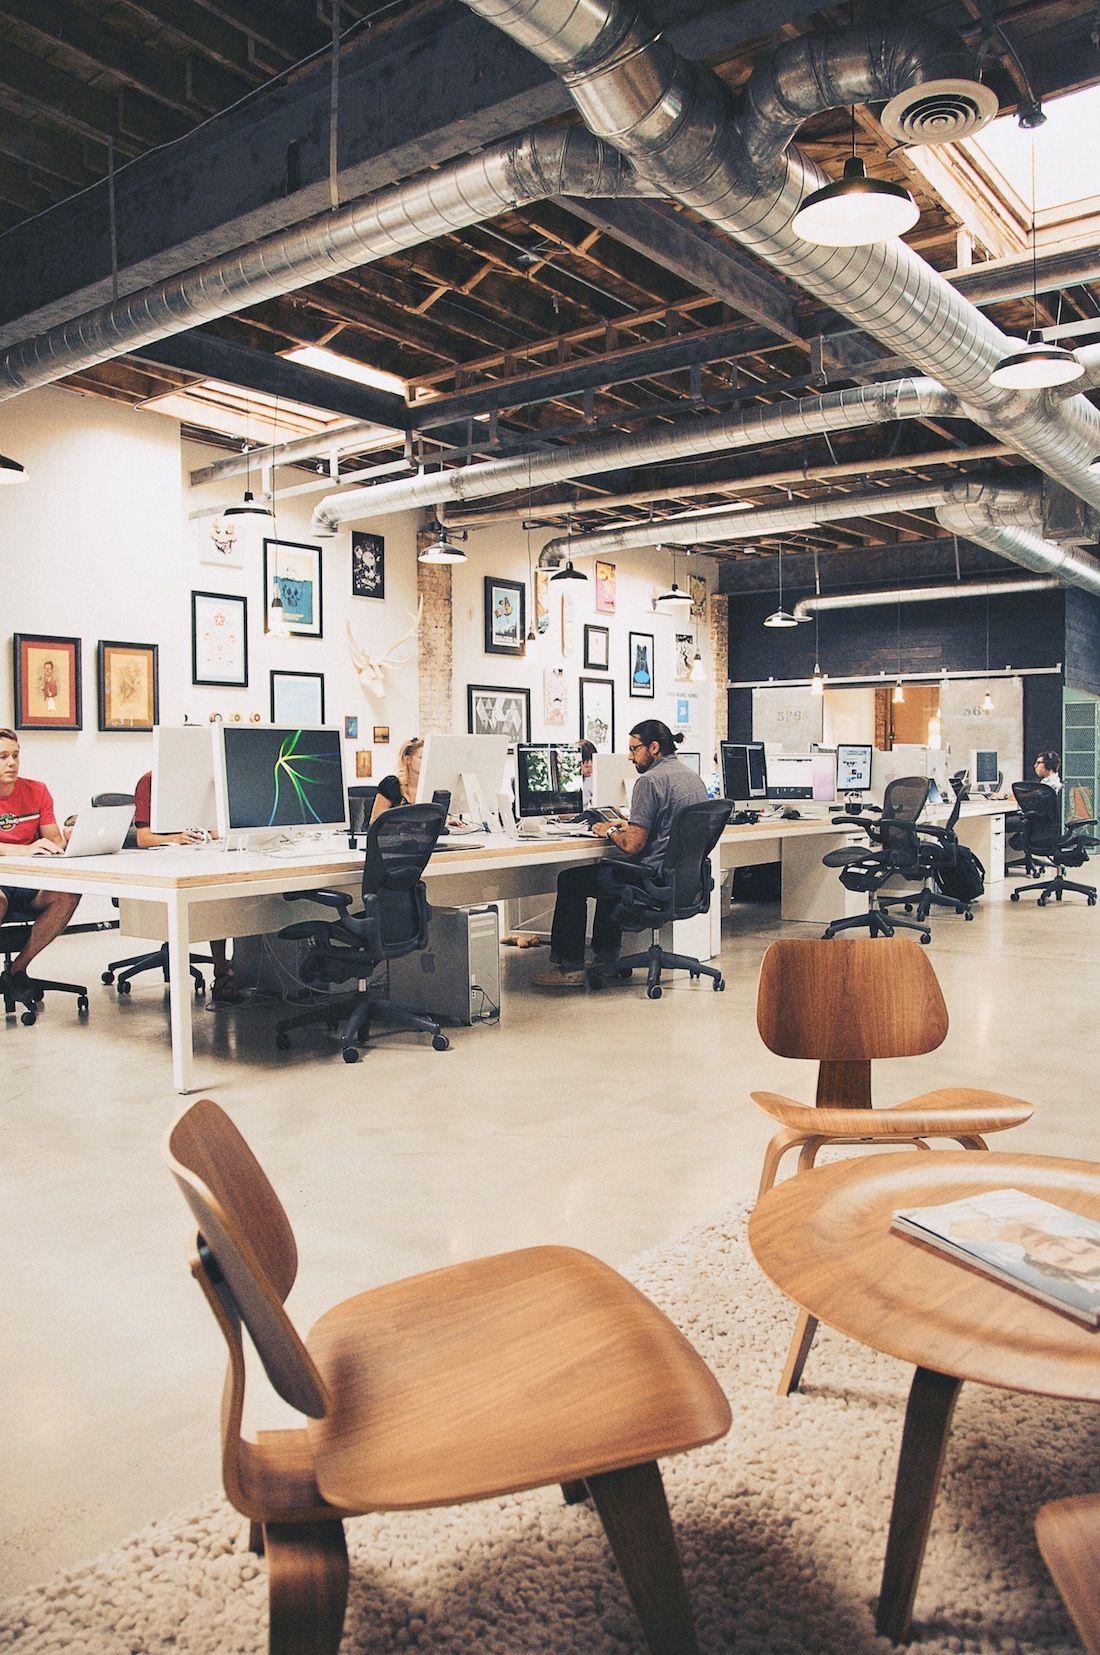 ideen zur einrichtung von b ro arbeitszimmer und home office einrichtung b ro. Black Bedroom Furniture Sets. Home Design Ideas